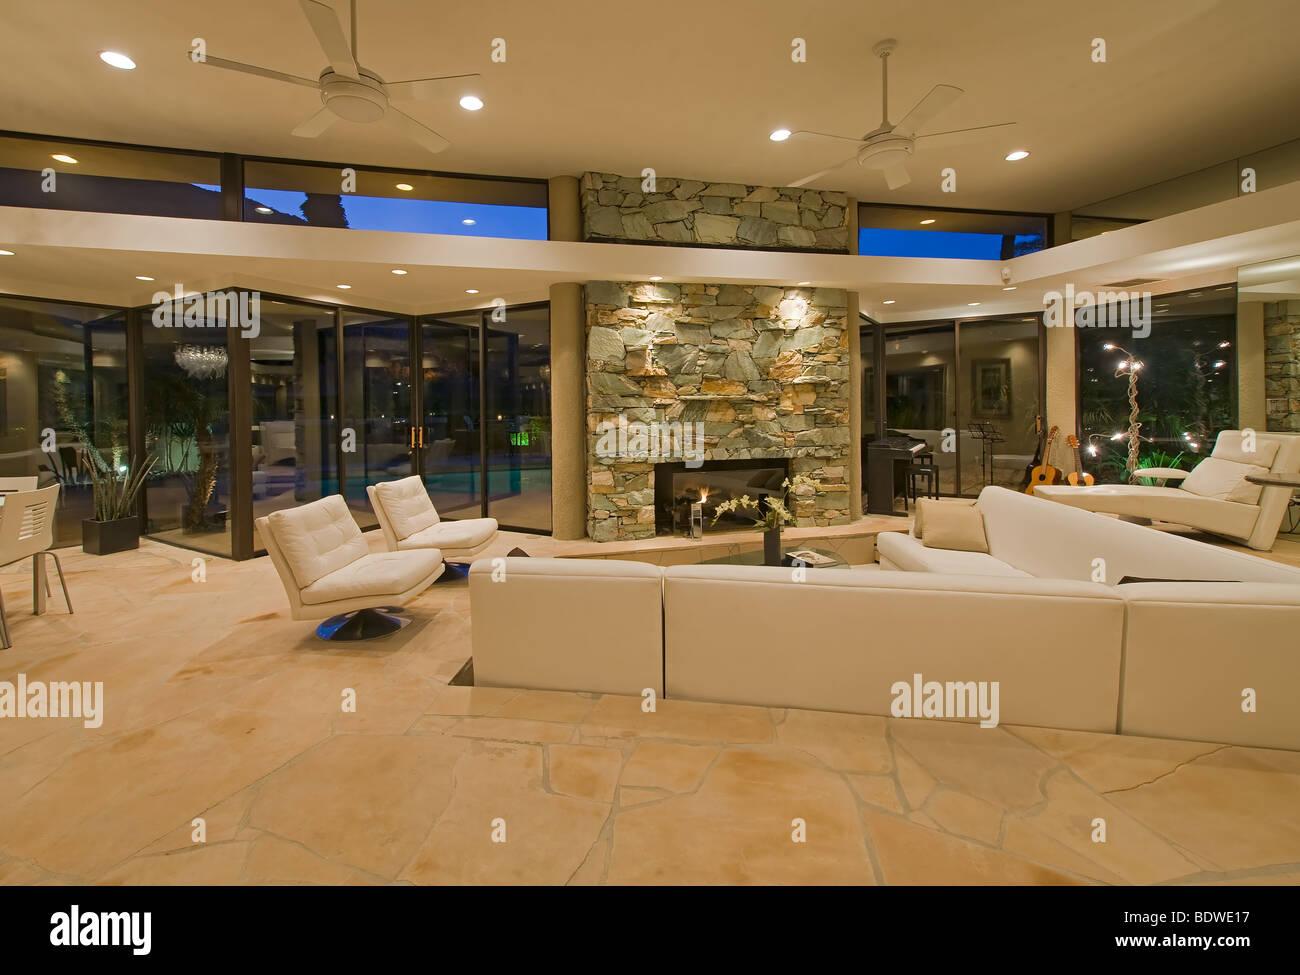 Sala de estar con sofá blanco, paredes de vidrio y piedra de río chimenea Imagen De Stock